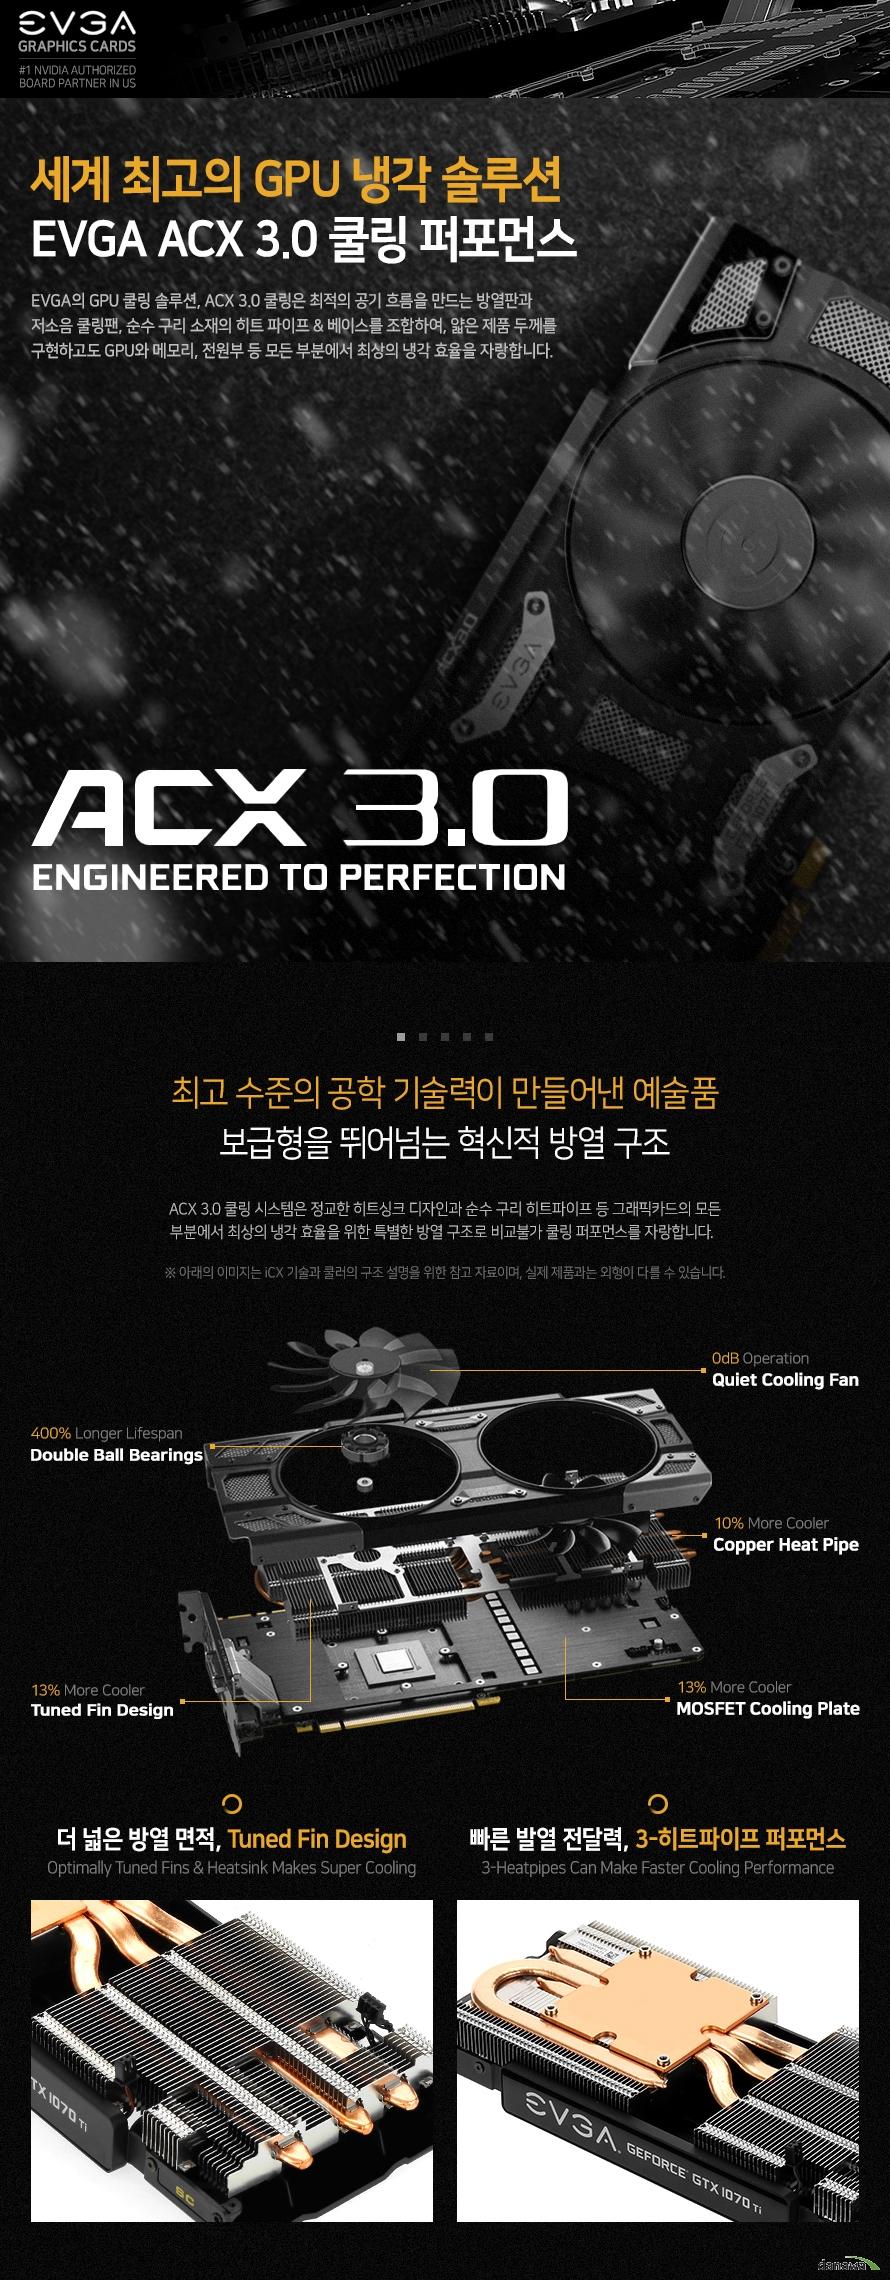 세계최고의 GPU 냉각 솔루션 iCX 쿨링